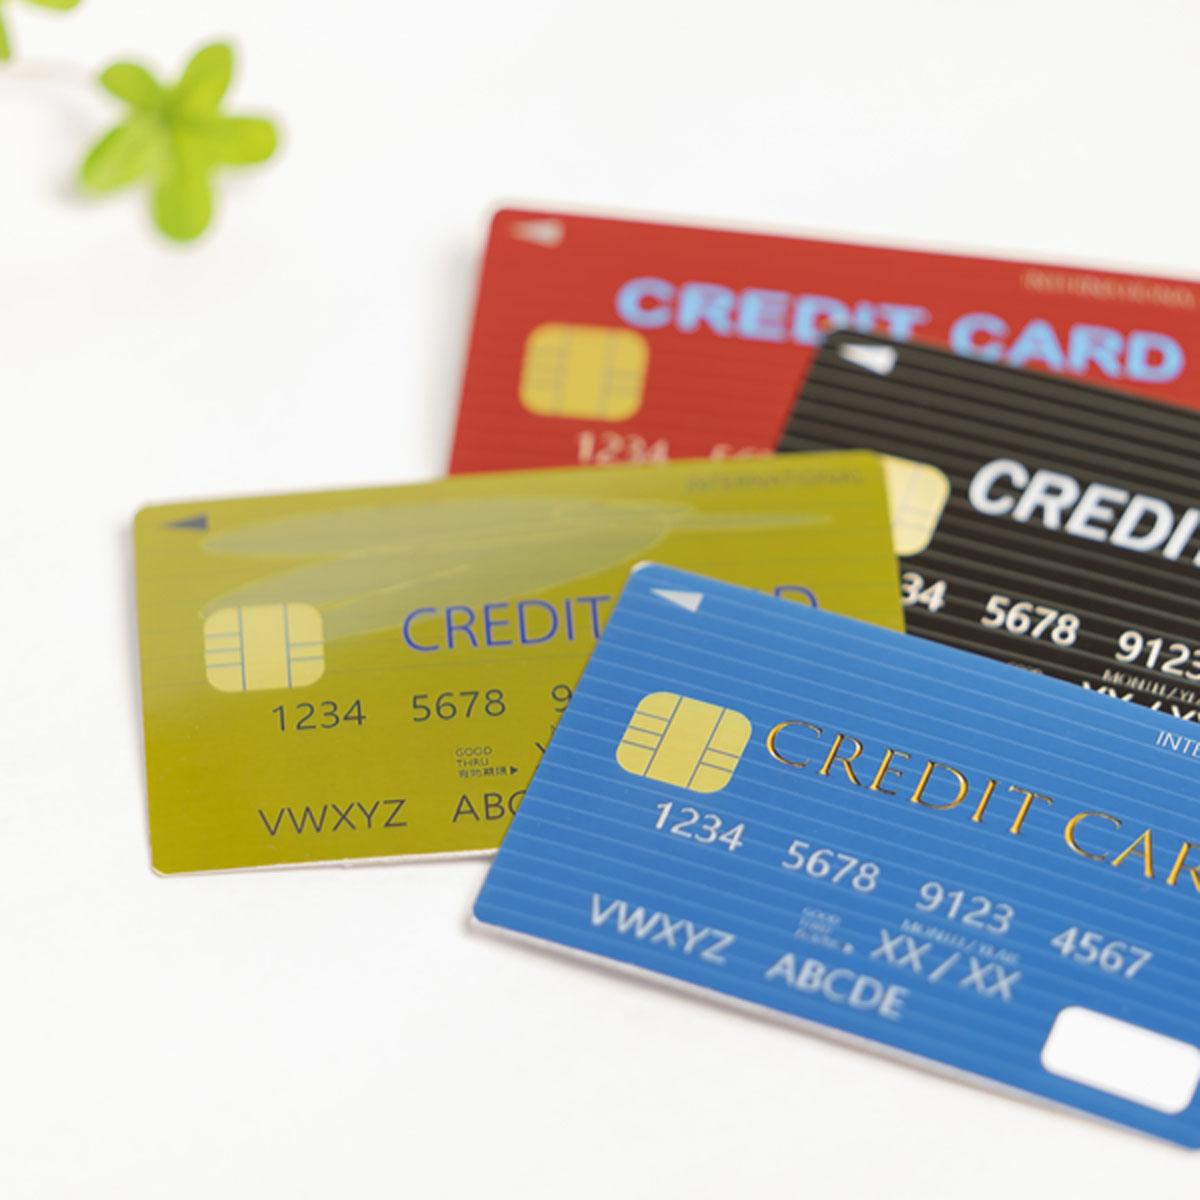 価格.comのクレジットカード人気ランキング、人気の理由をプロが解説!(2020年9月版)